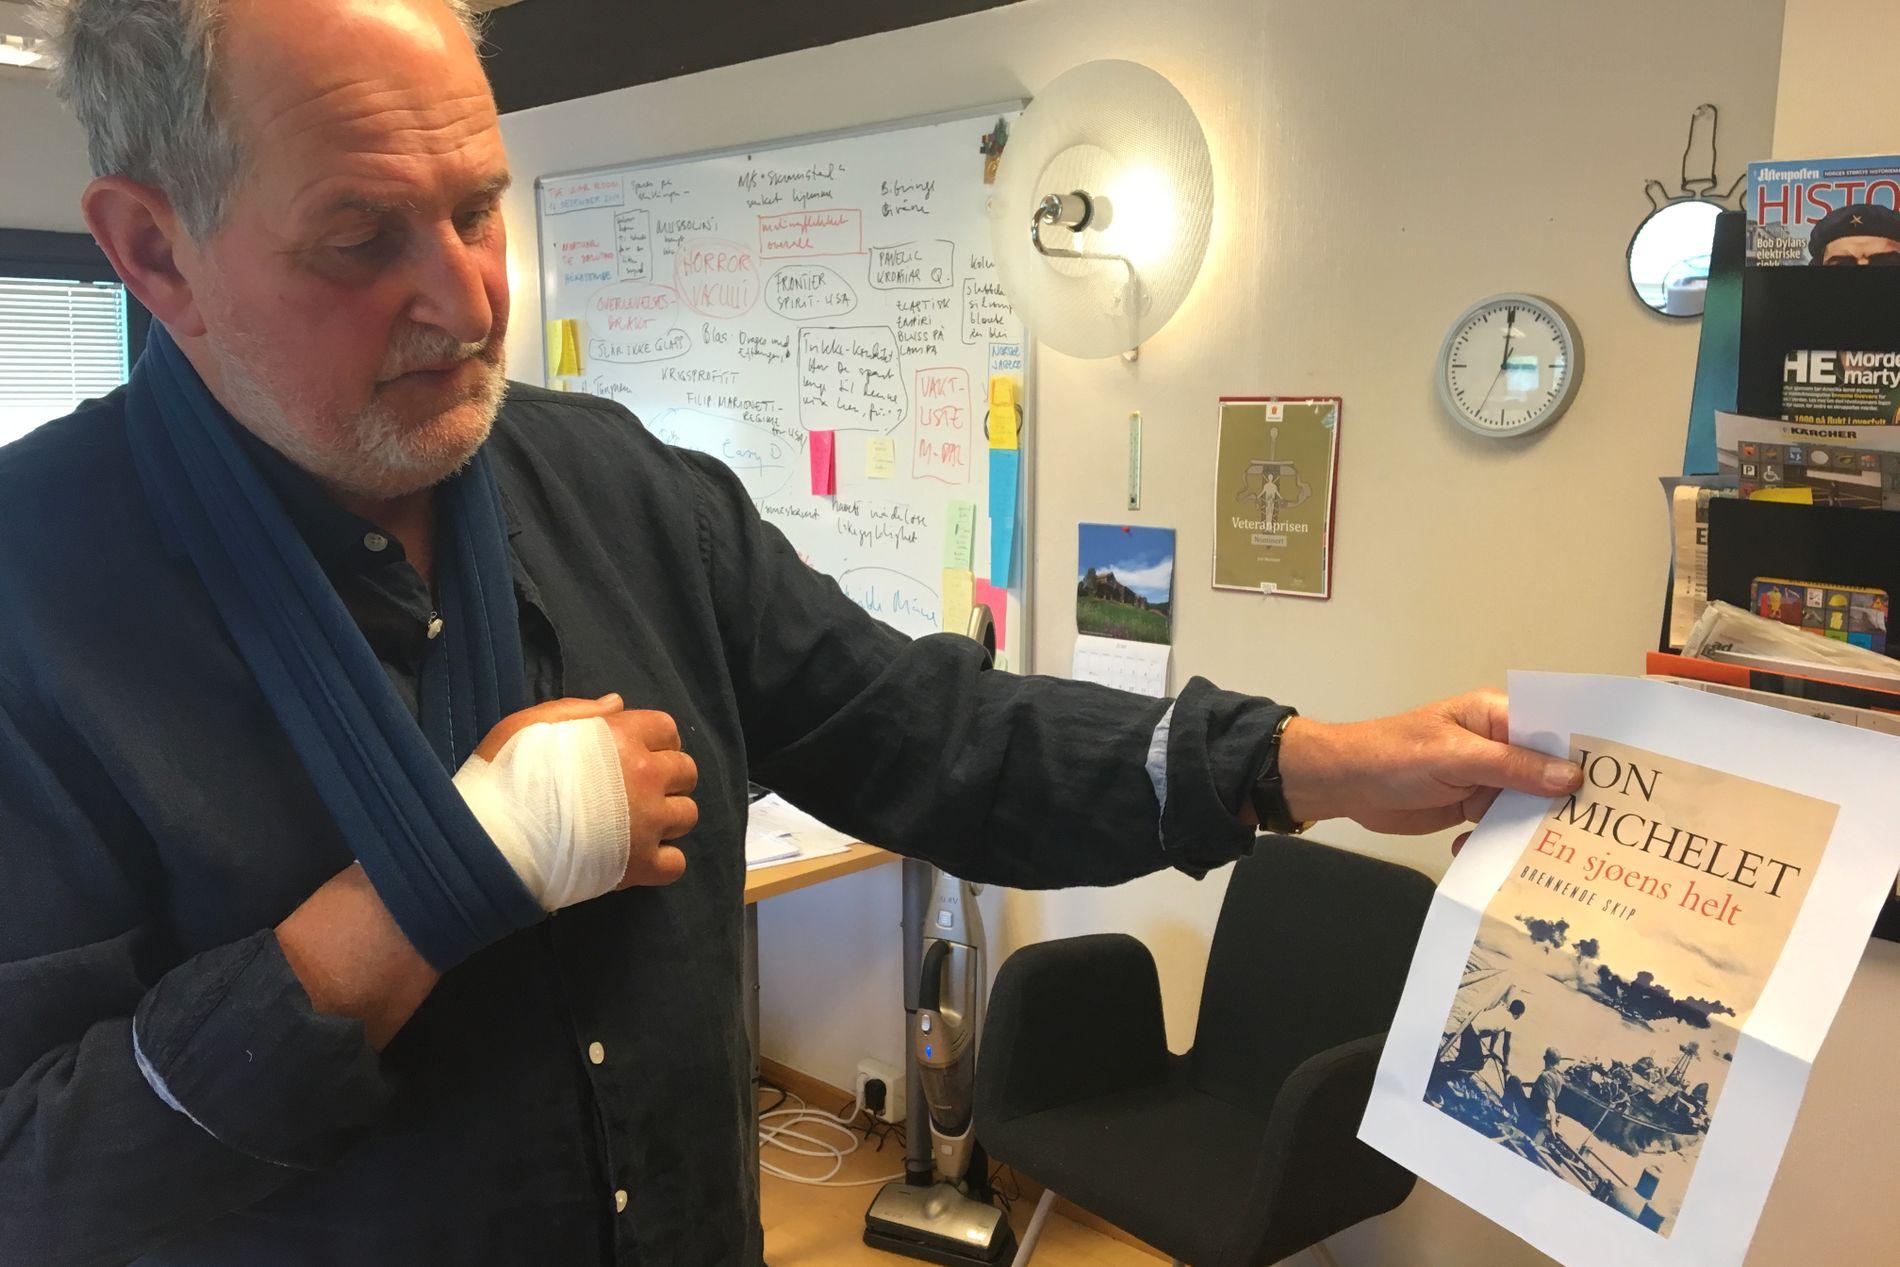 DEN NYE BOKA: Slik kommer høstens bok fra Jon Michelet i serien «En sjøens helt» til å se ut. «Brennede skip» som boka heter skulle egentlig være den siste i serien om Halvor, men slik blir det ikke.  Foto. JØRN PETTERSEN/VG